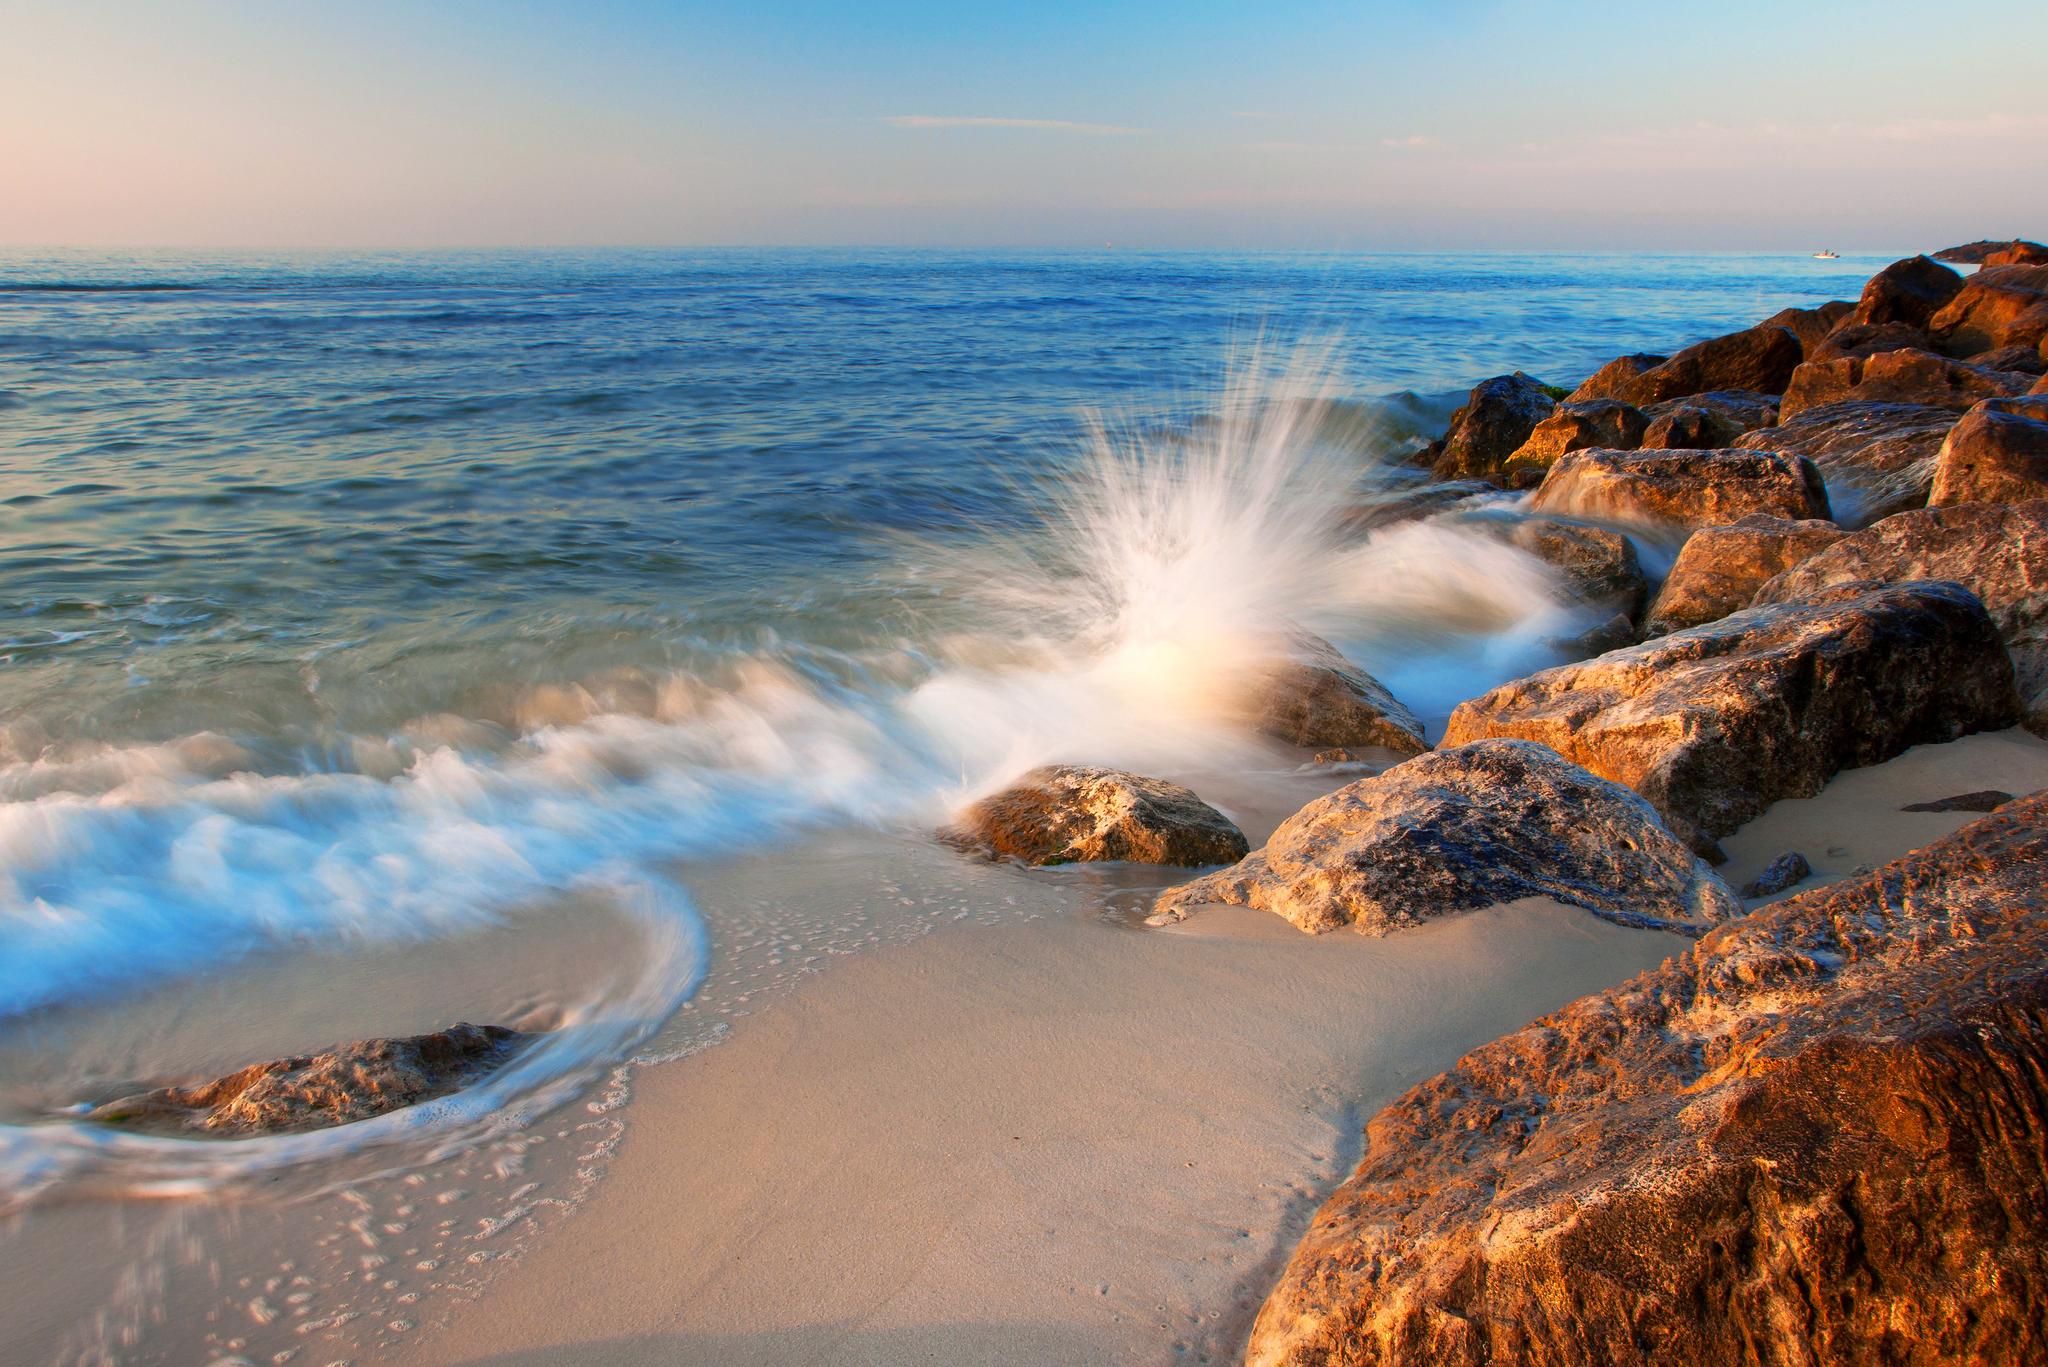 каждый фото с телефона у берега моря запросу